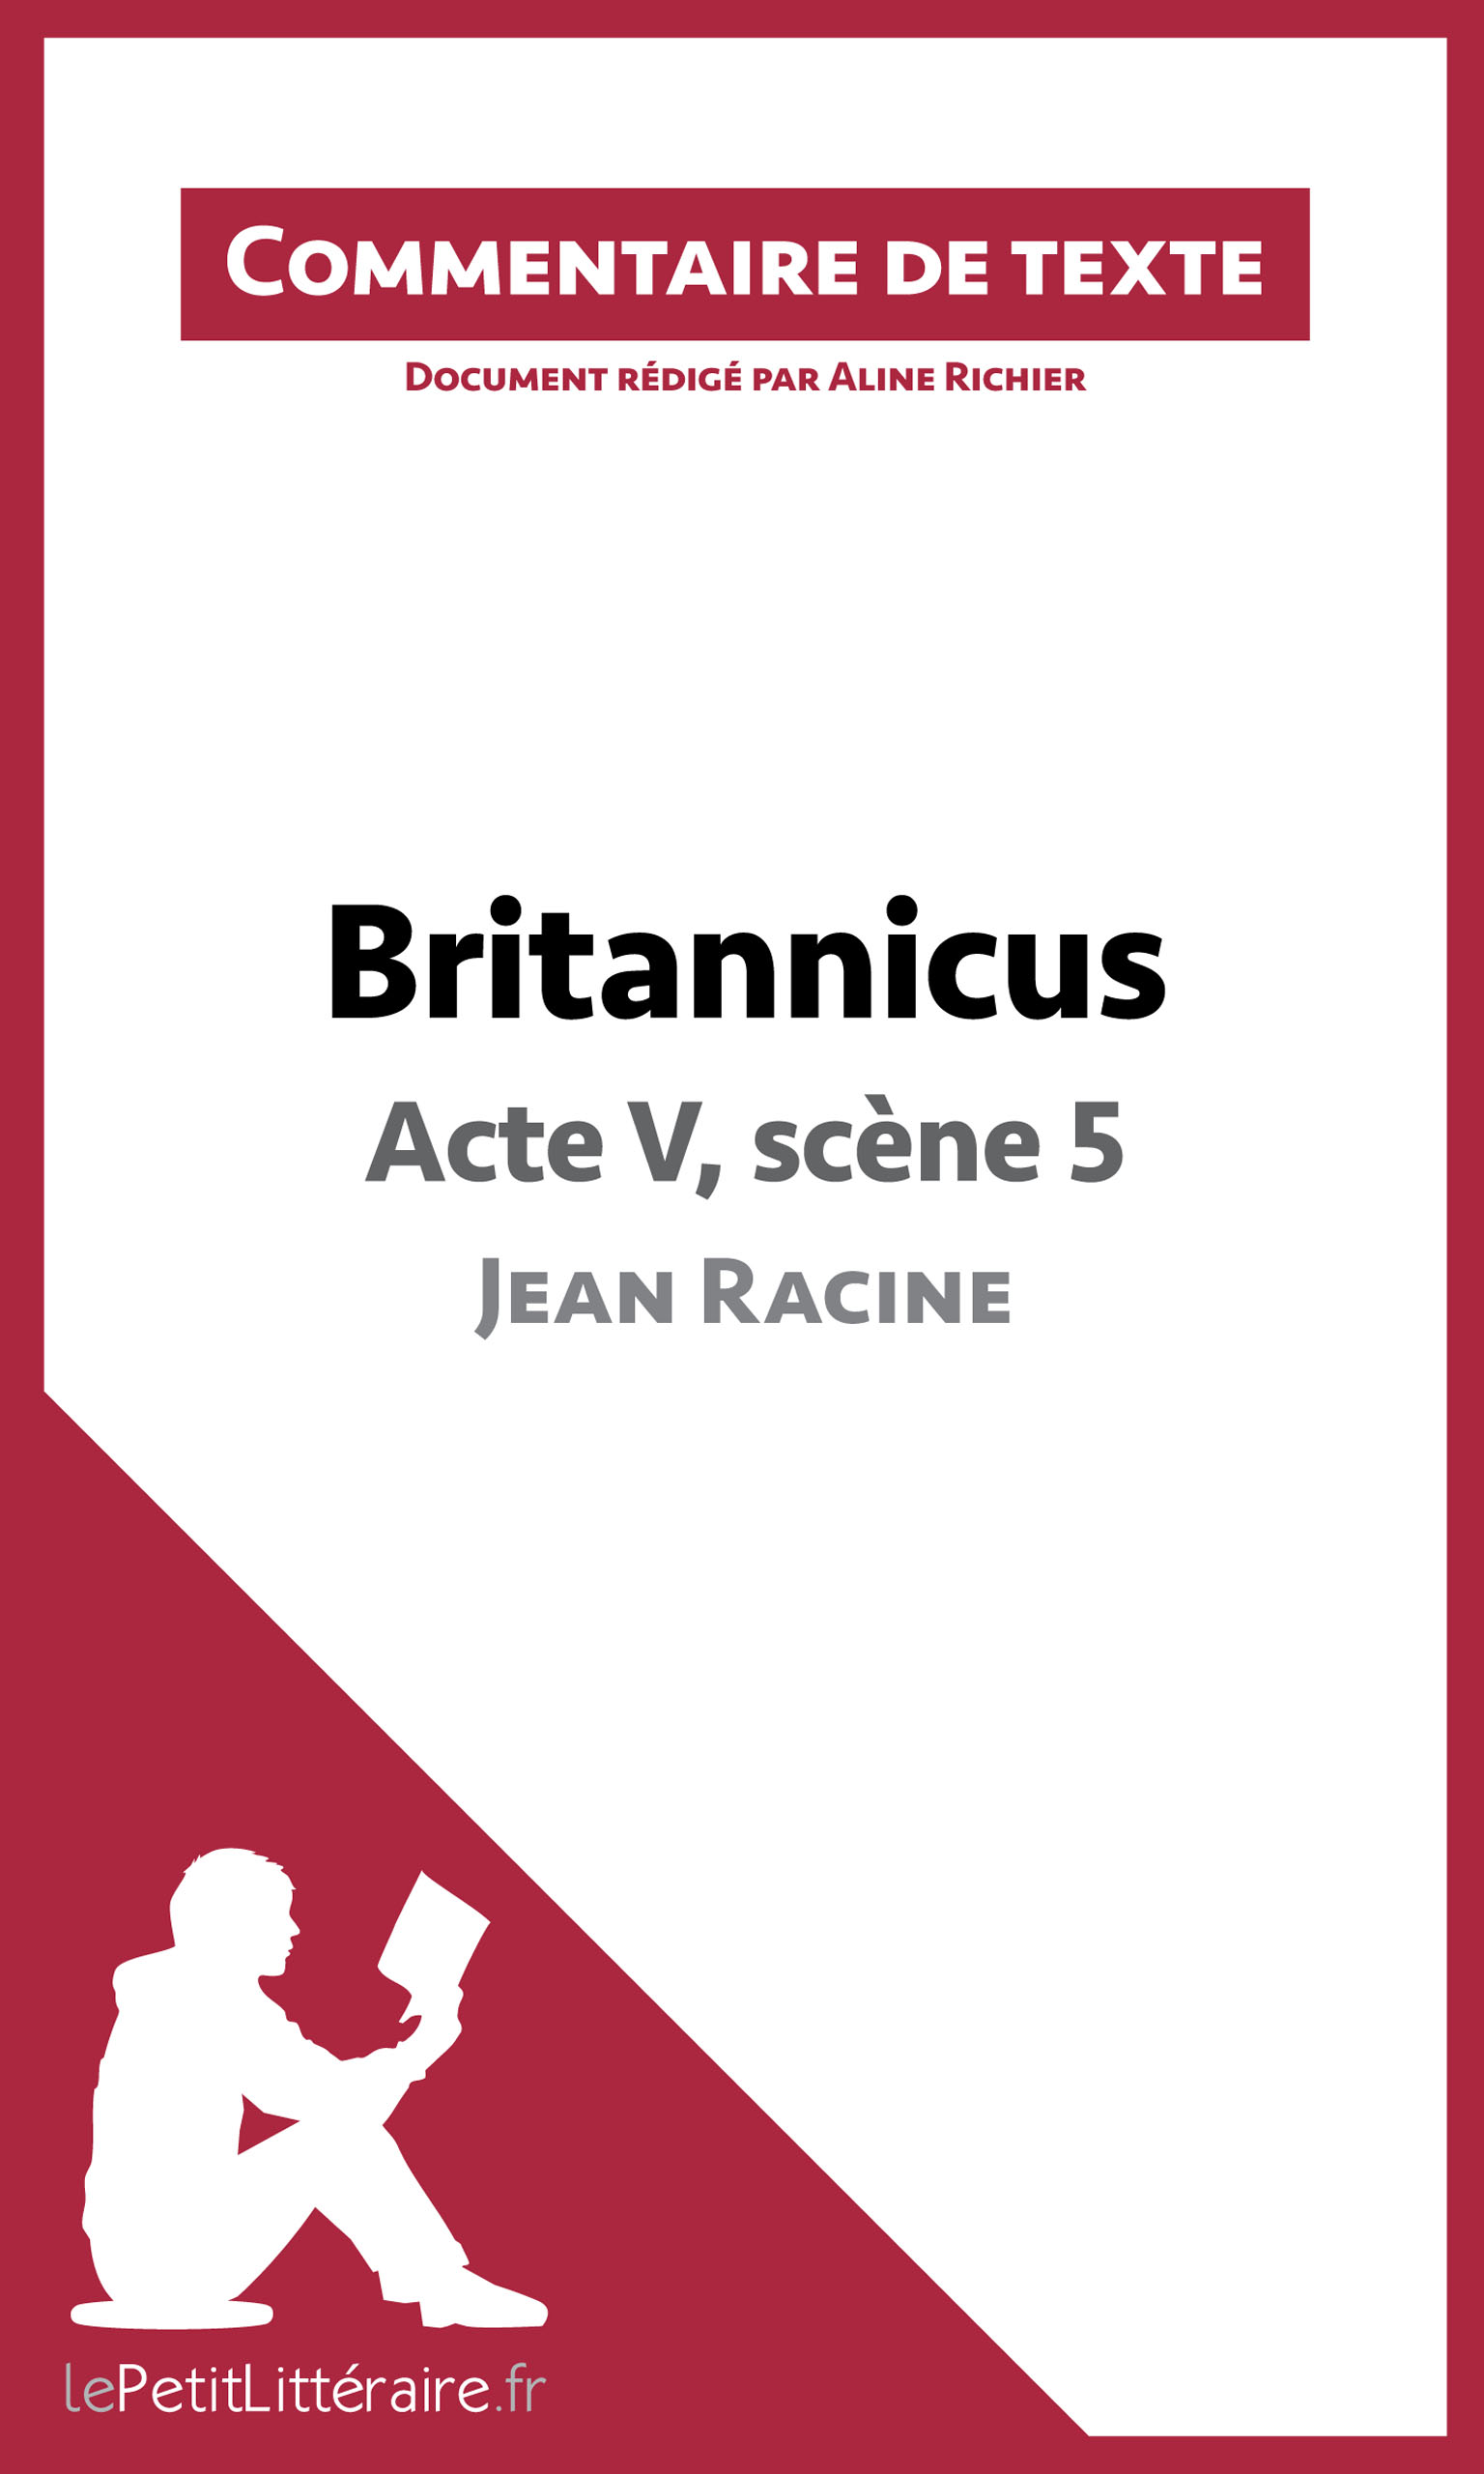 La scène 5 de l'acte V